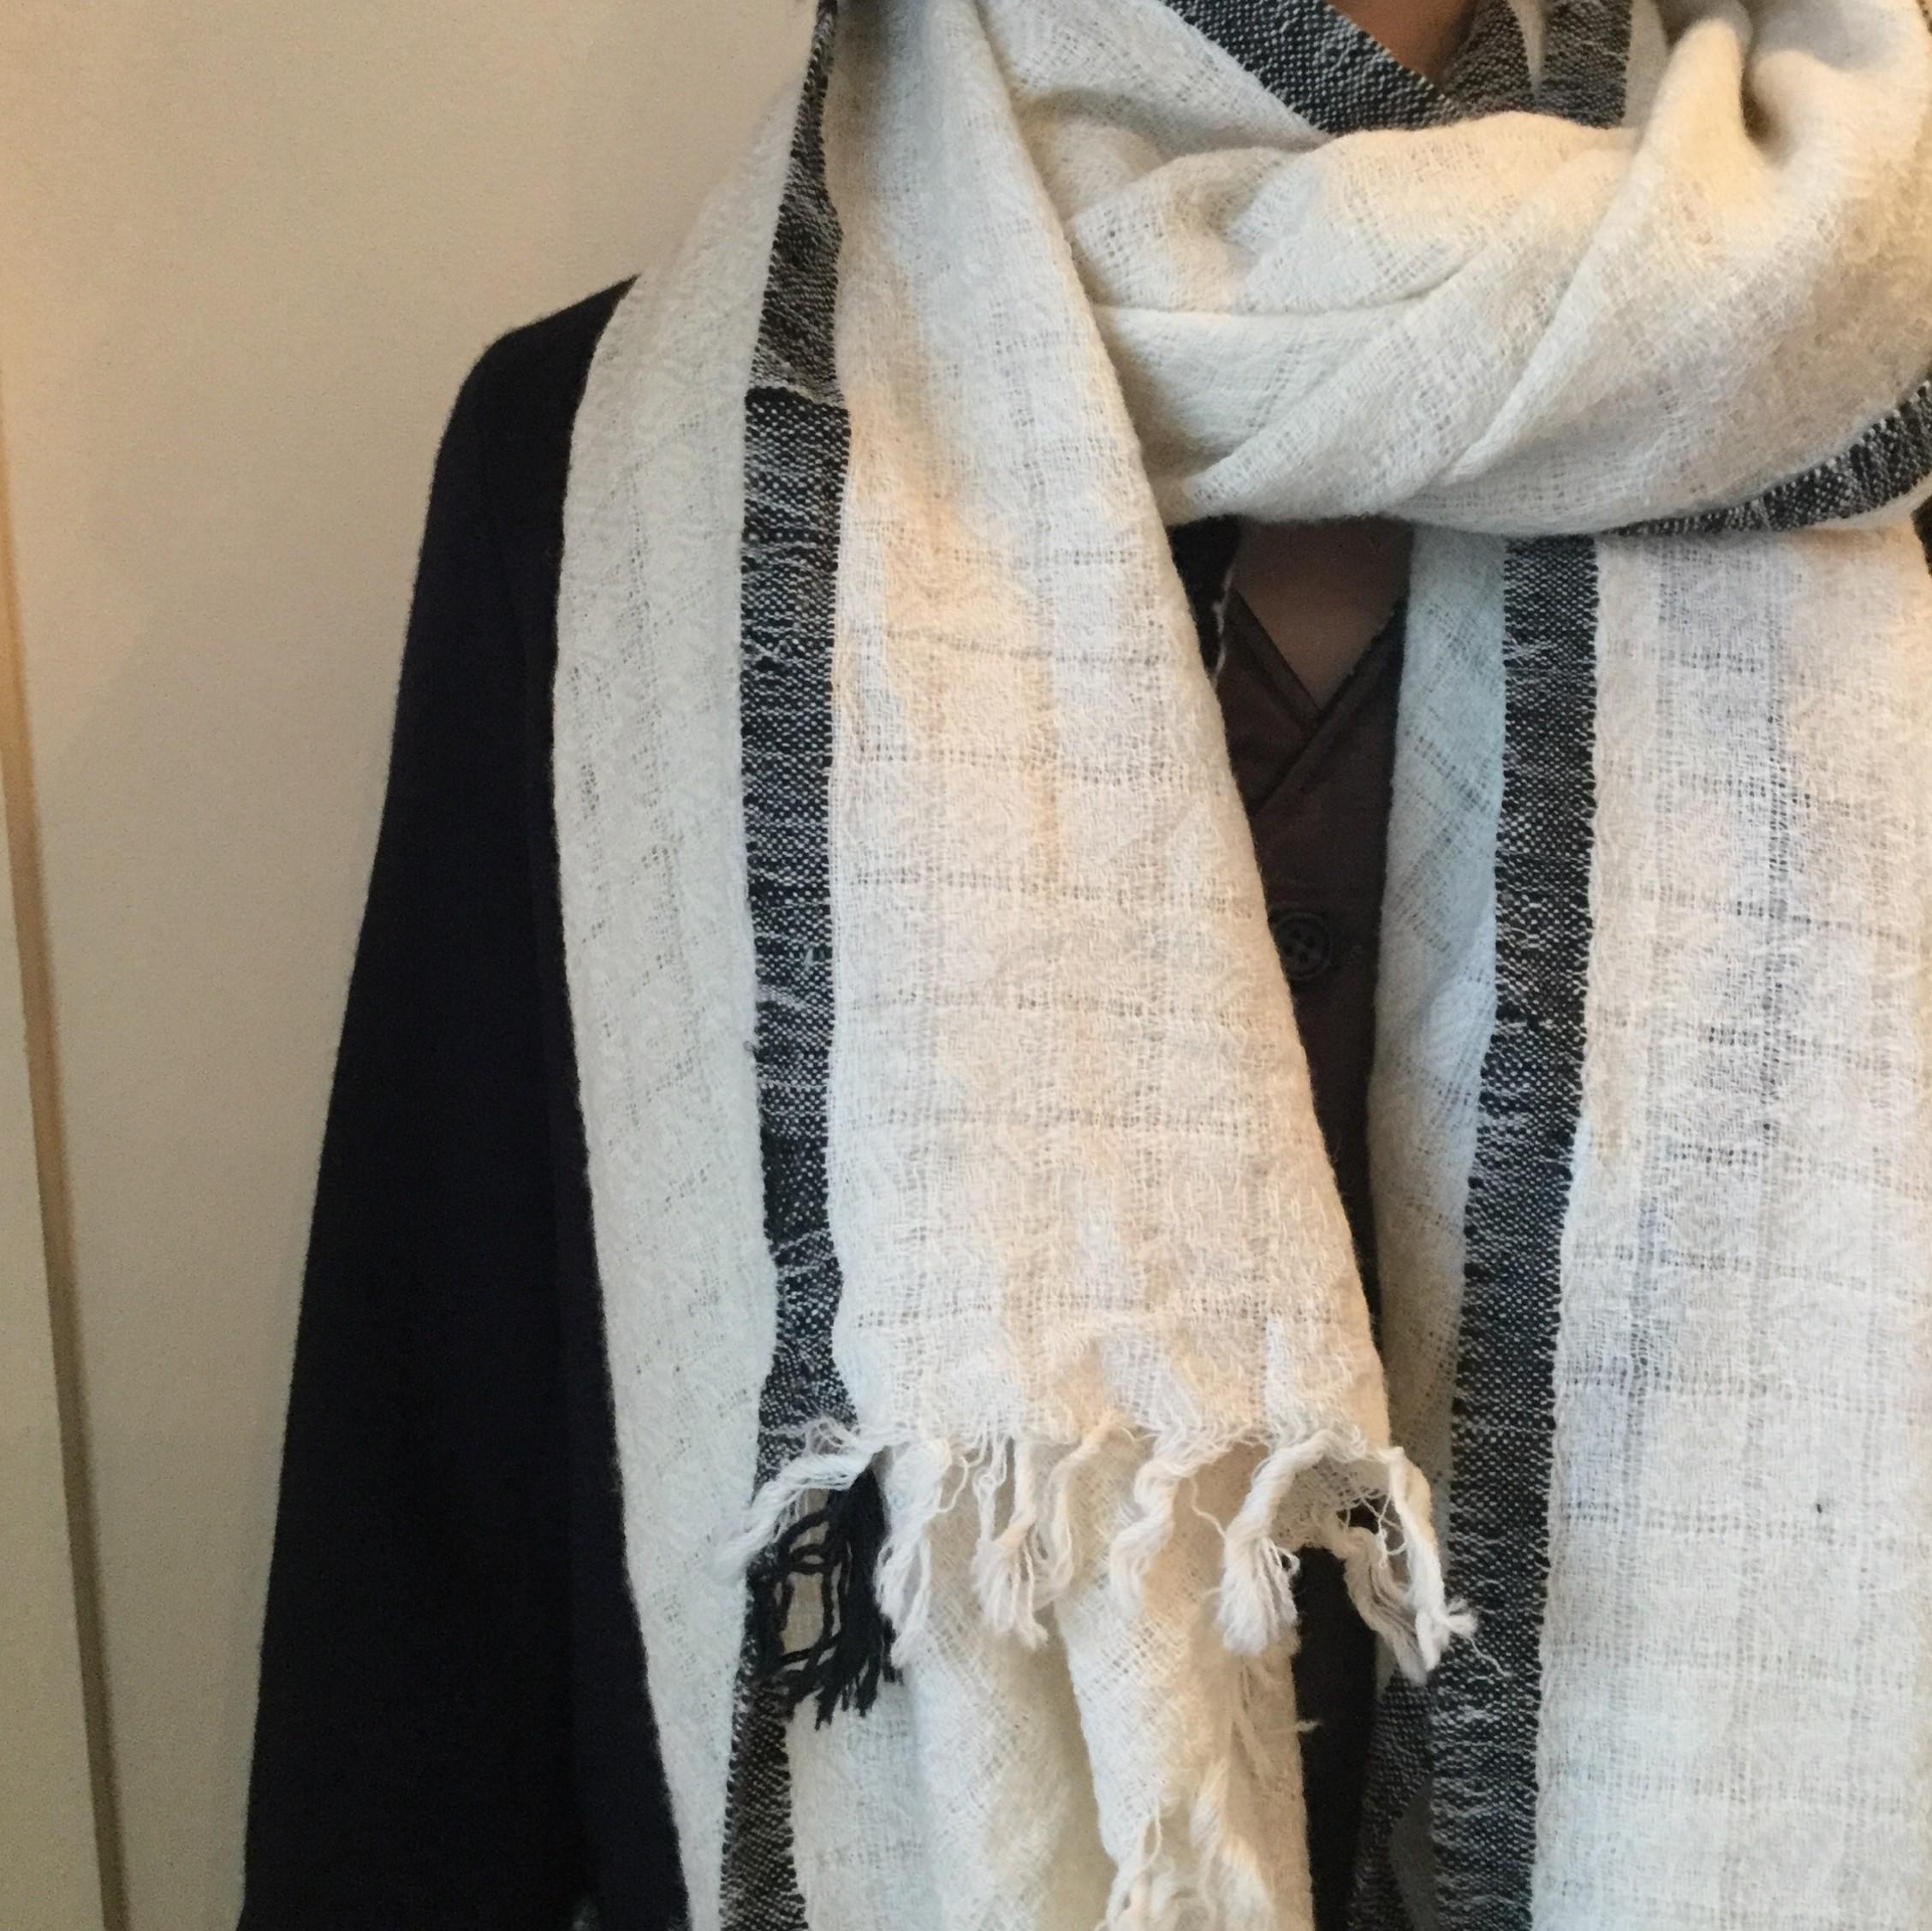 秋冬khadiandco(カディアンドコー)のカディを使用した手紡ぎ糸のウールストールです